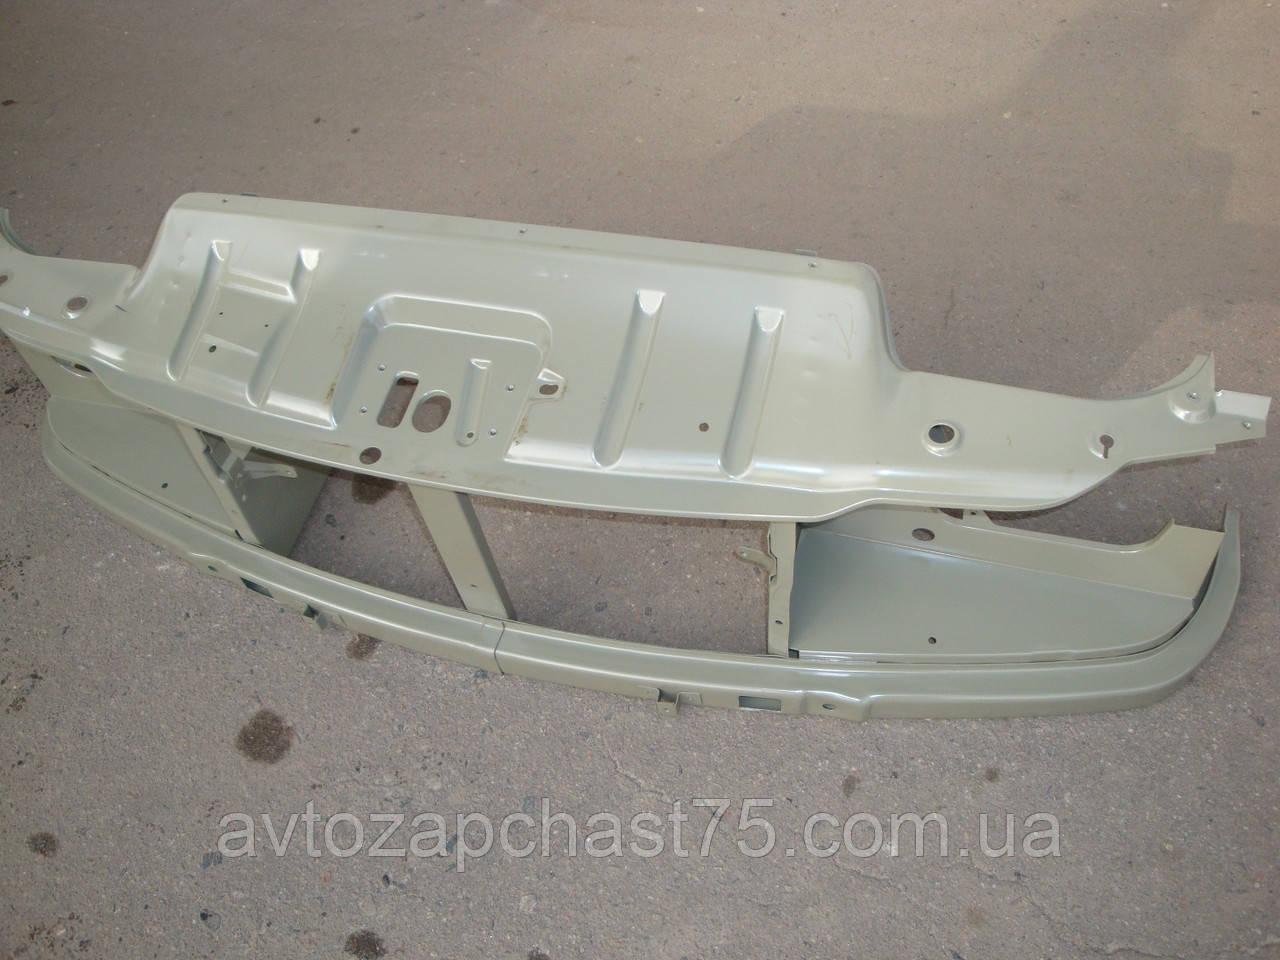 Рамка радиатора Газ 31105 (производитель Горьковский автомобильный завод)